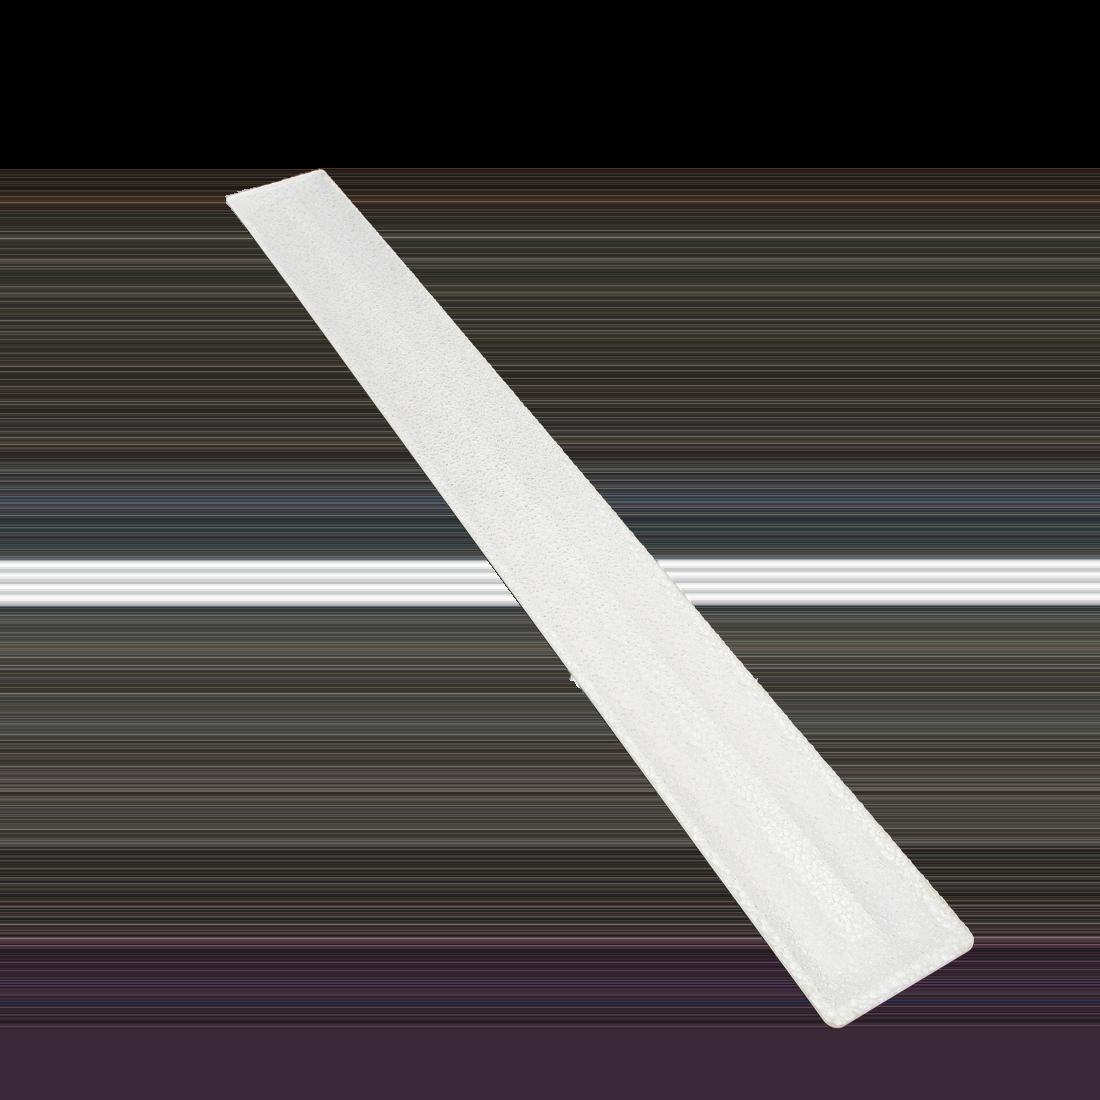 Светильник LED Сеть Ice 48Вт 4000К 6260Лм